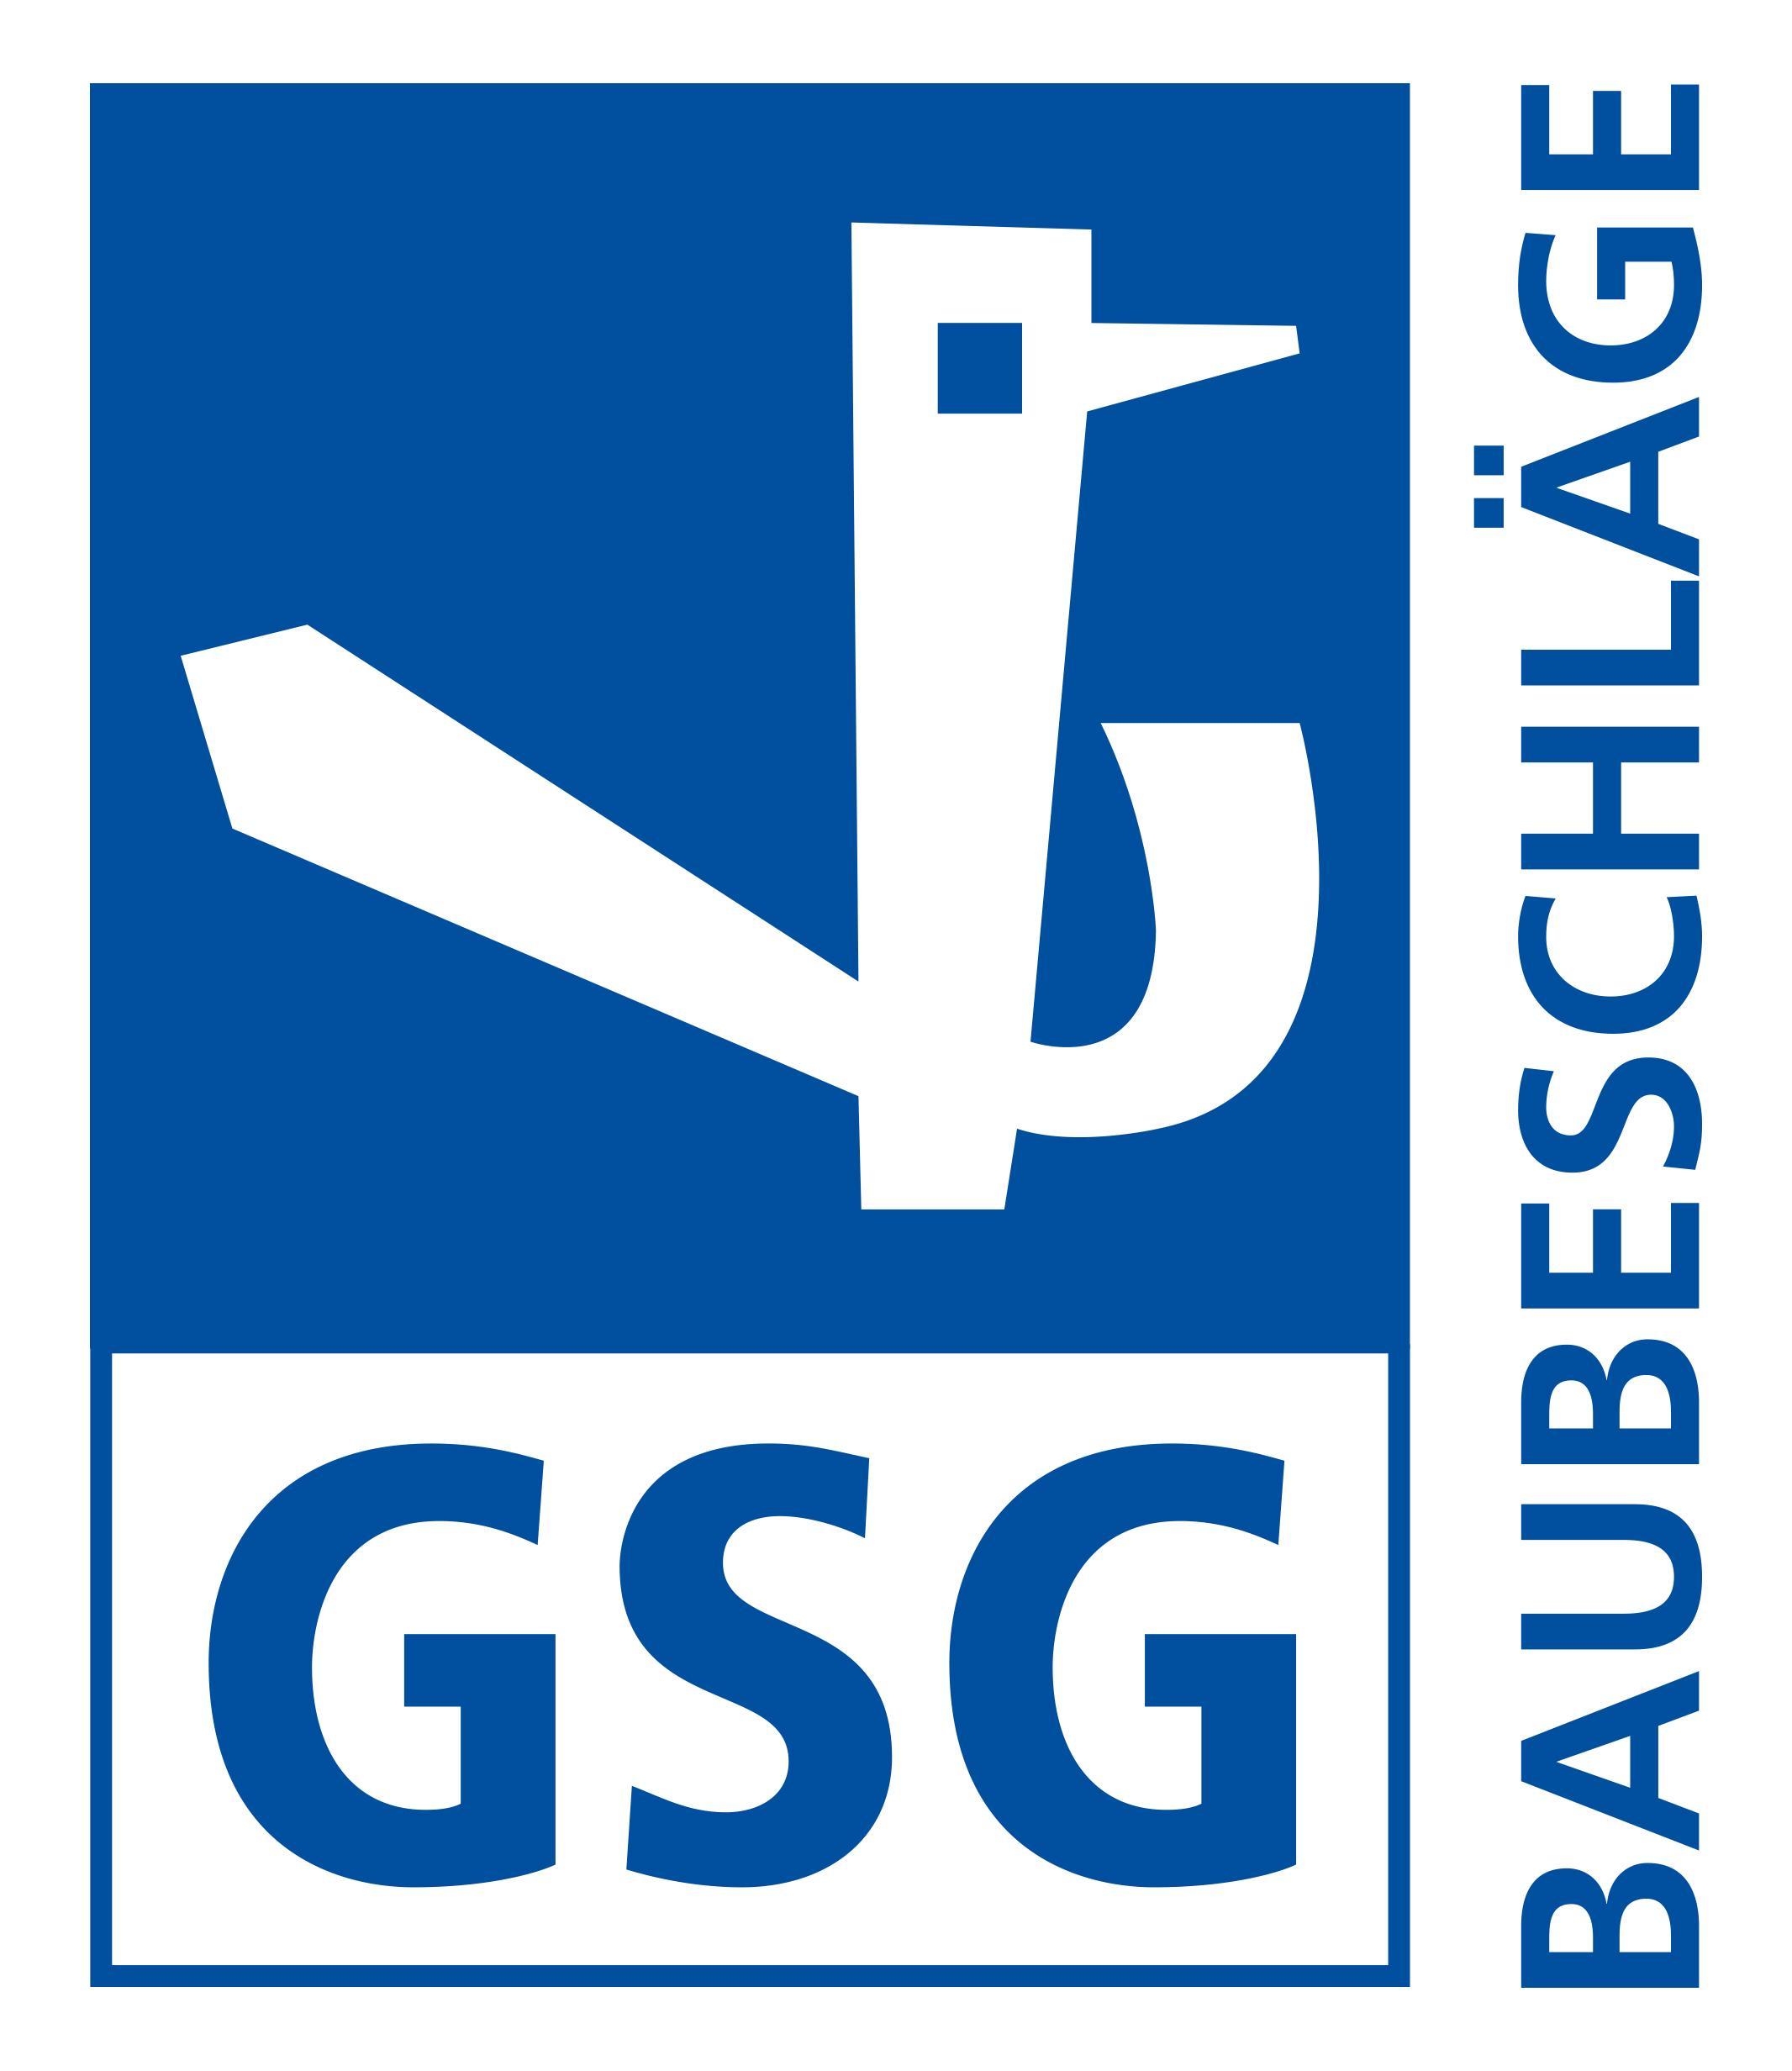 GSG Baubeschläge GmbH Elsterwerda